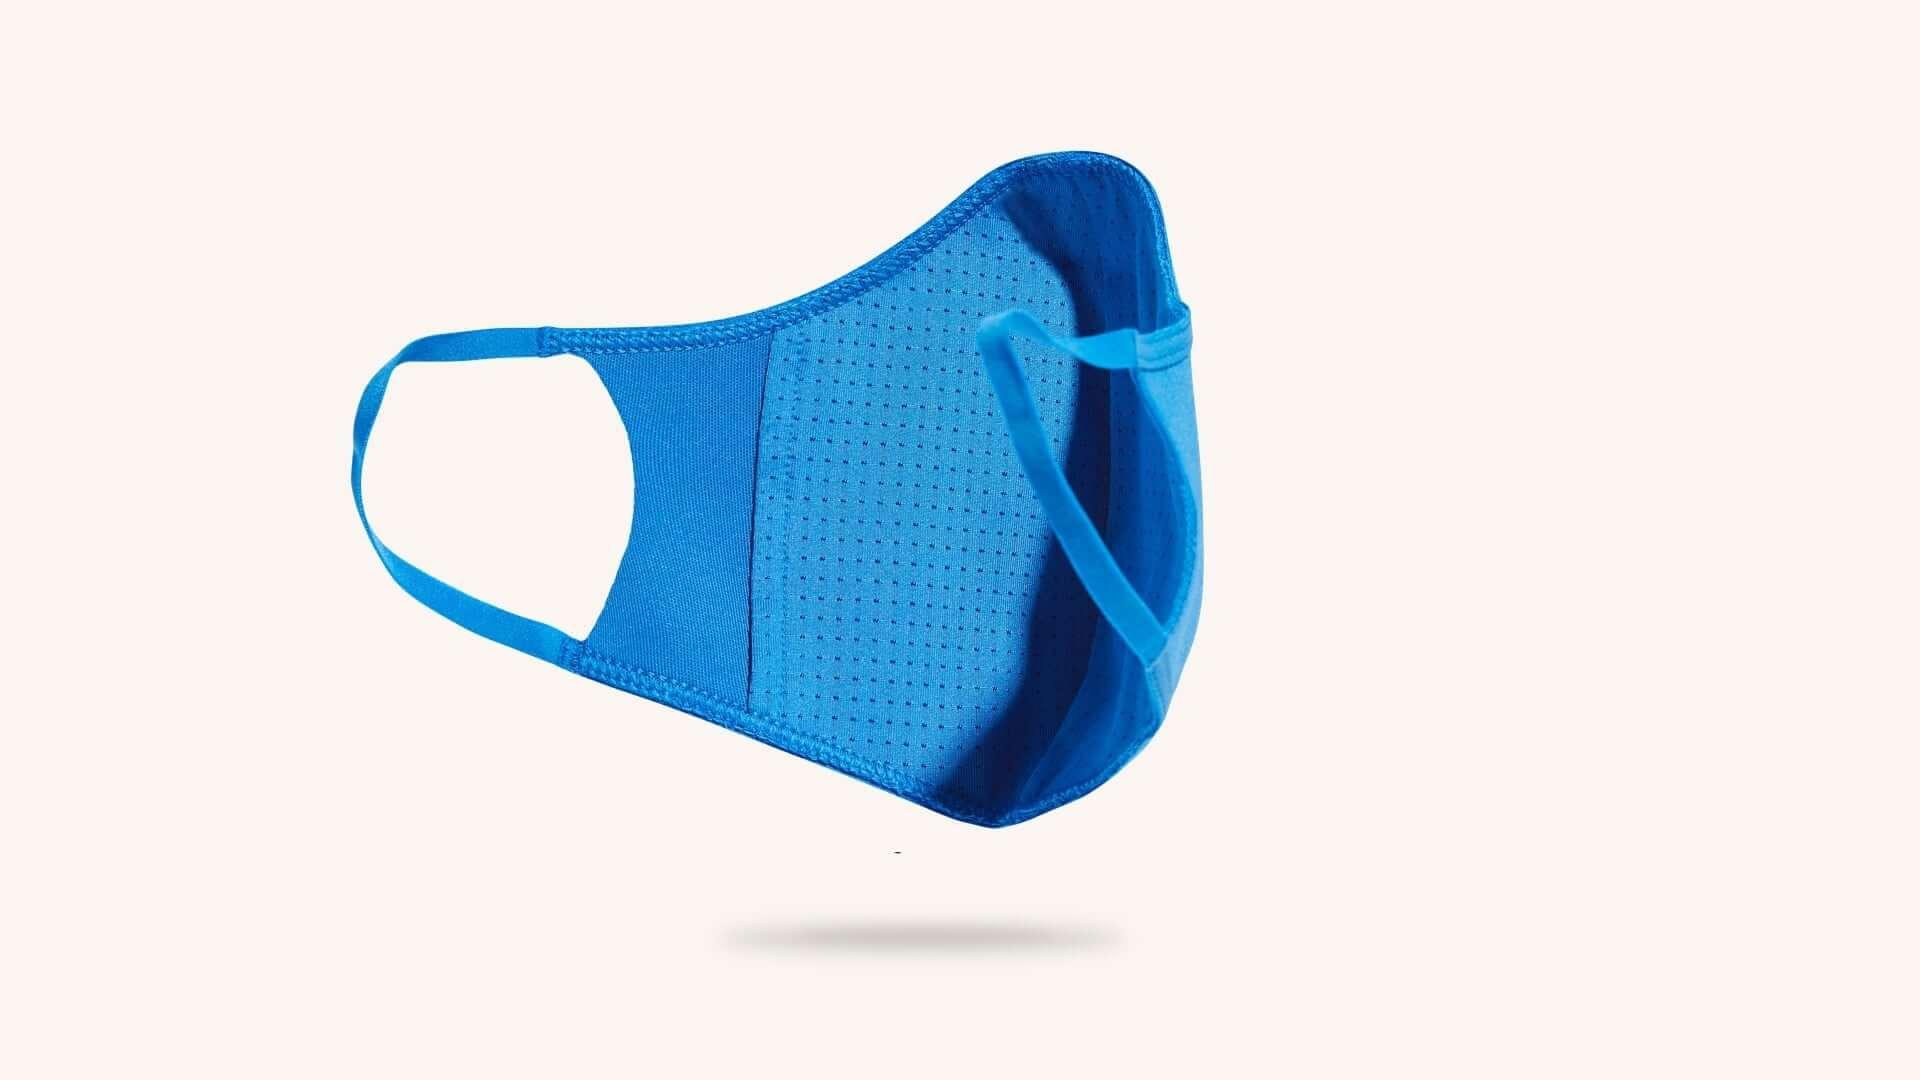 adidasよりリサイクル素材を使用した洗濯可能なマスク『adidas FACE COVER』が登場&予約受付がスタート! lf200803_adidas-mask_3-1920x1080